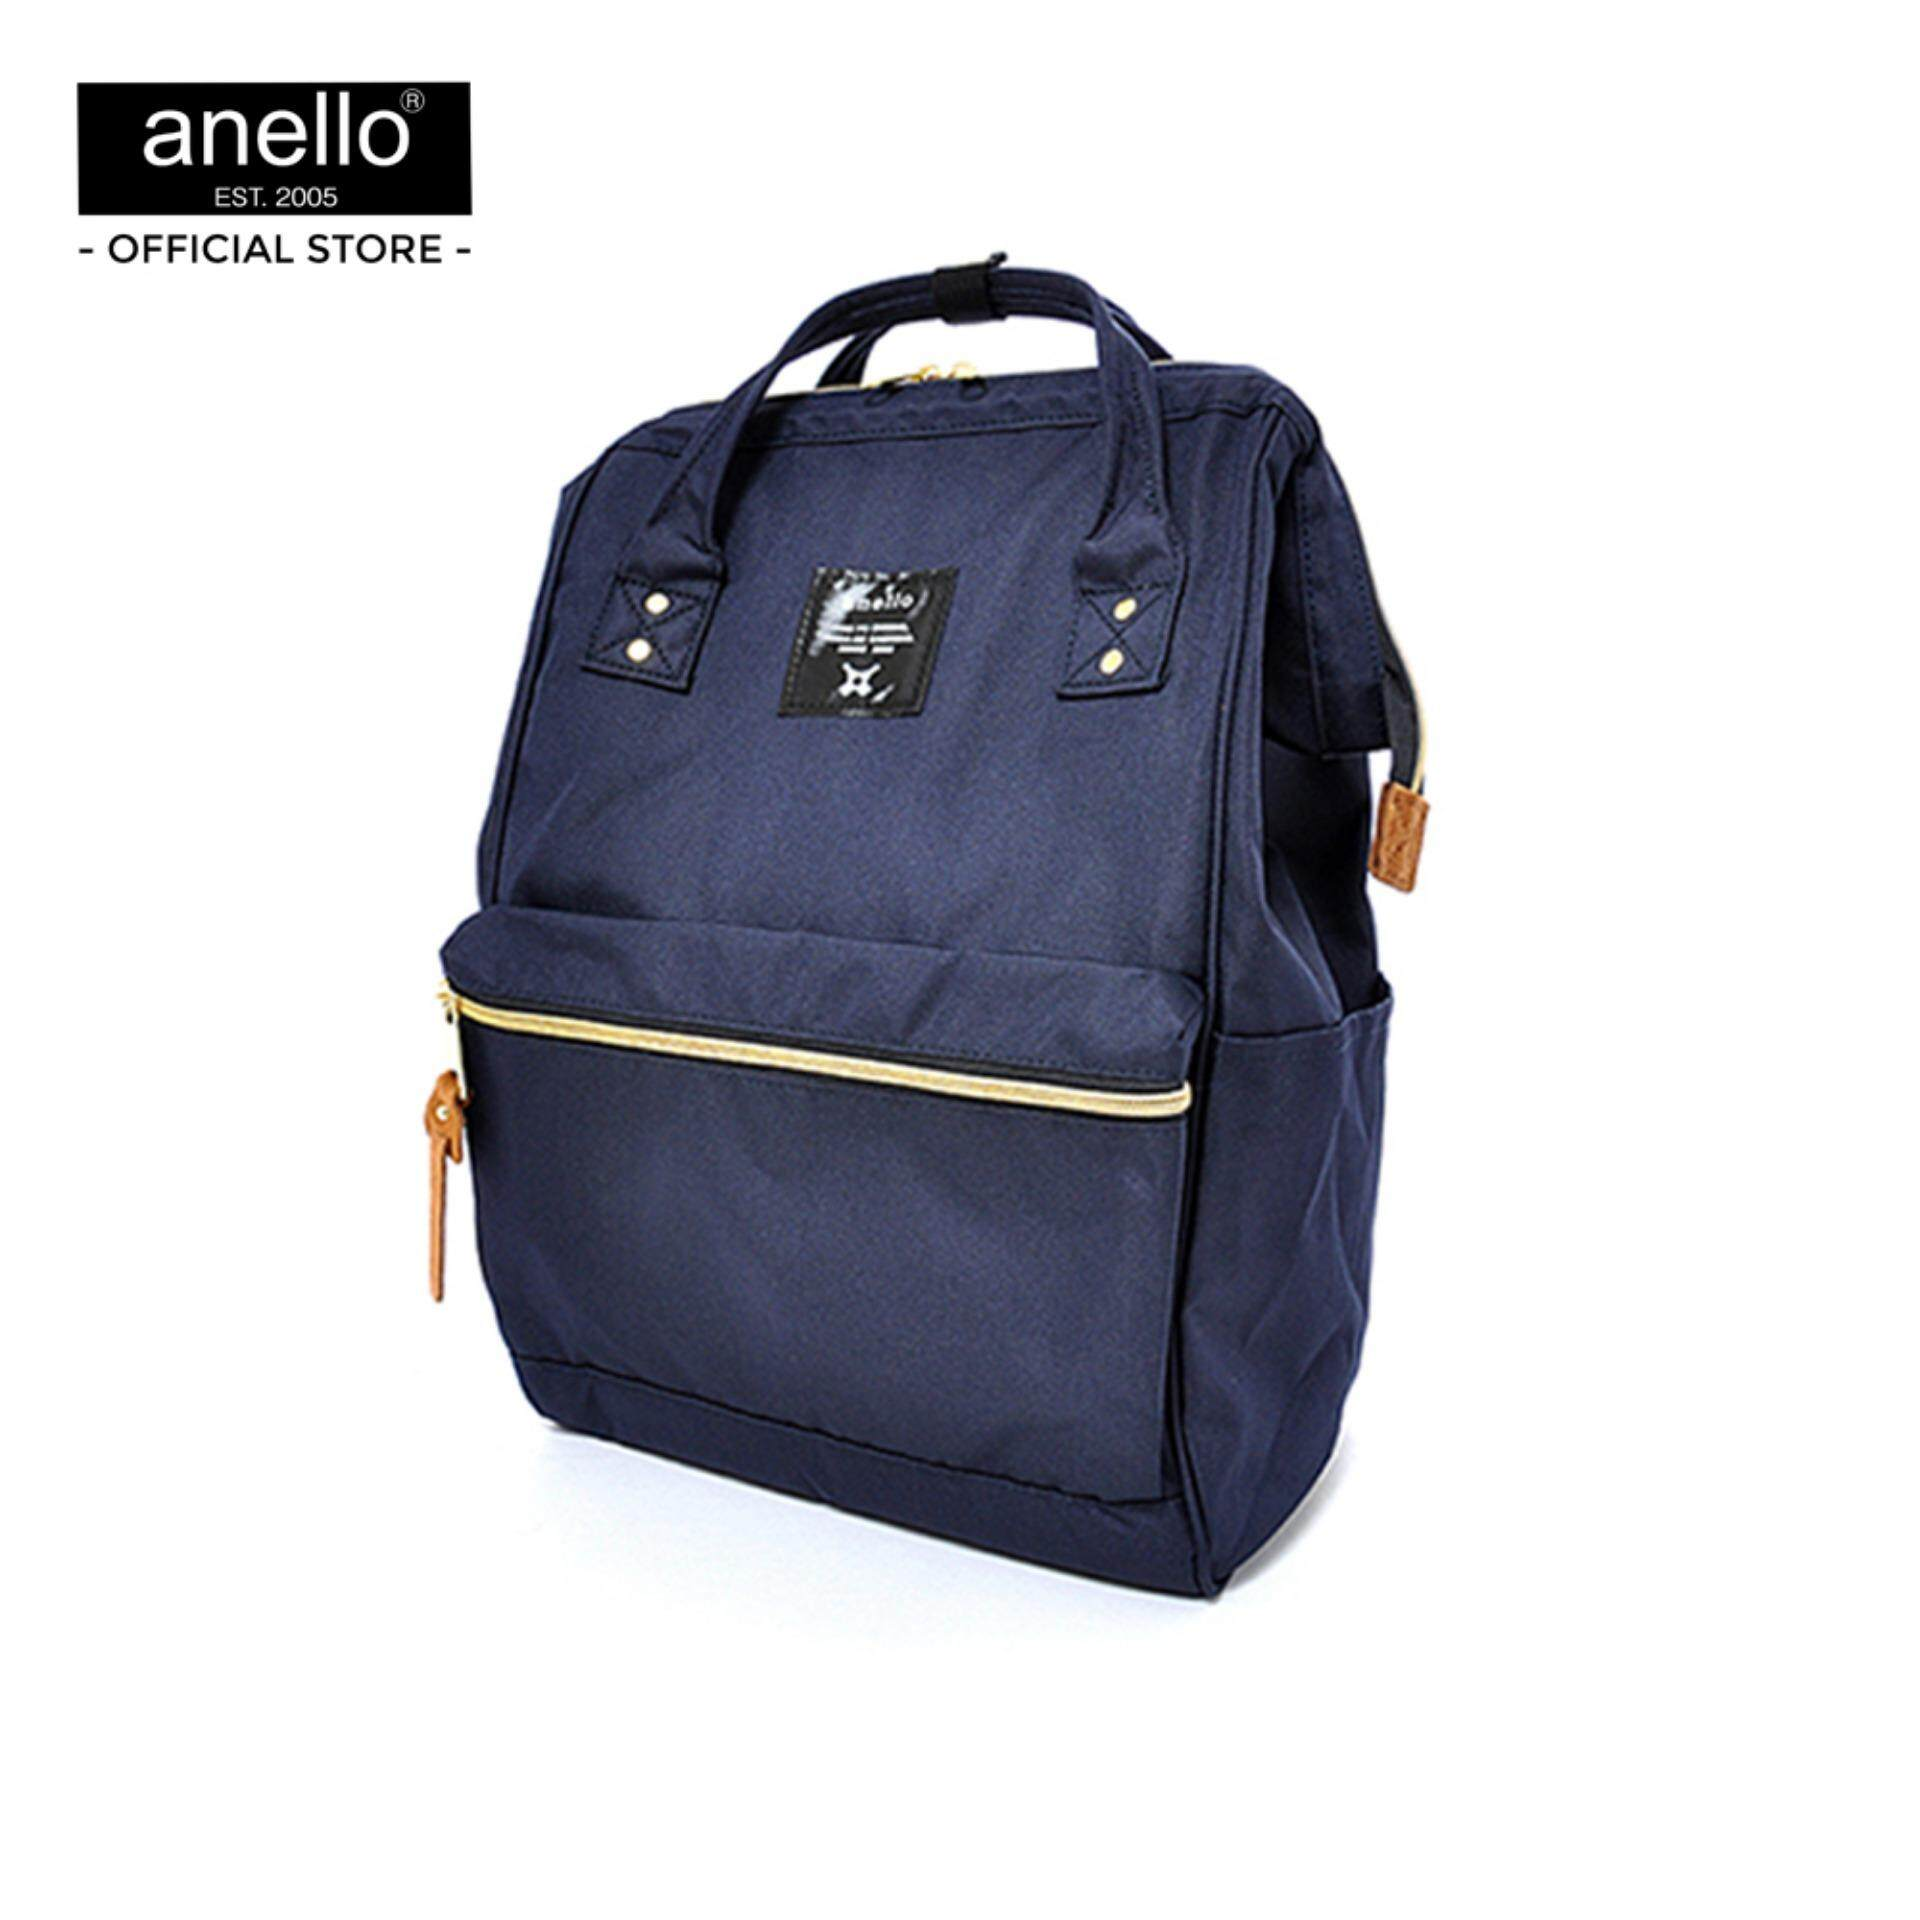 ทำบัตรเครดิตออนไลน์  มหาสารคาม anello กระเป๋า Regular Backpack_AT-B0193A